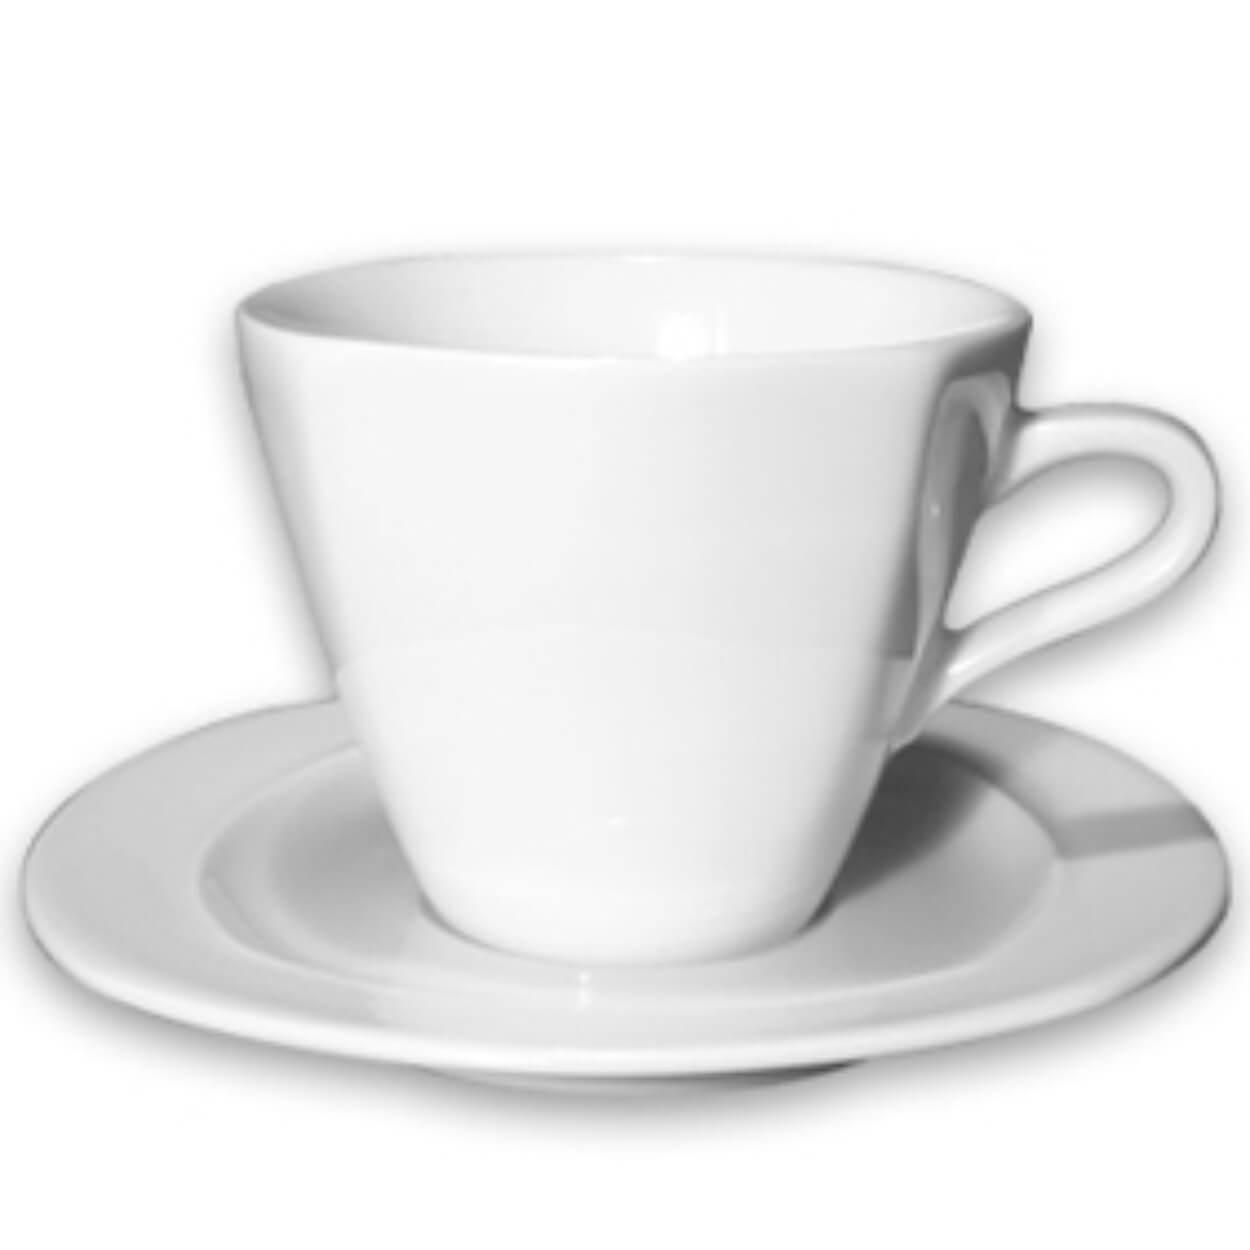 ΦΛIΤΖΑΝΙ+ΠΙΑΤ ΠΟΡΣΕΛ TEA CAPPUC 8γωνο White OGGI